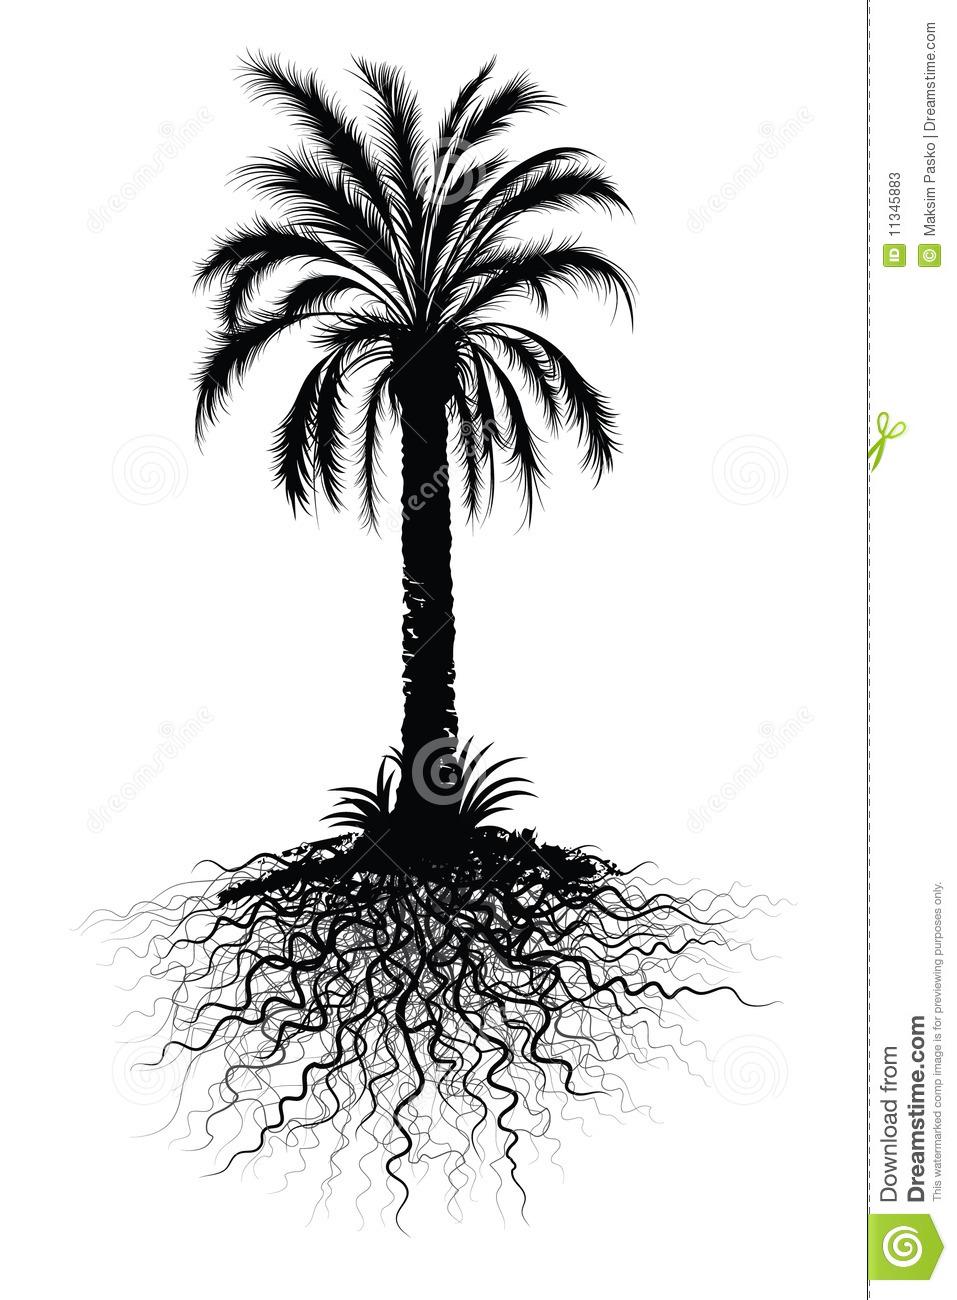 Palm Tree Sketch Stock Photos.